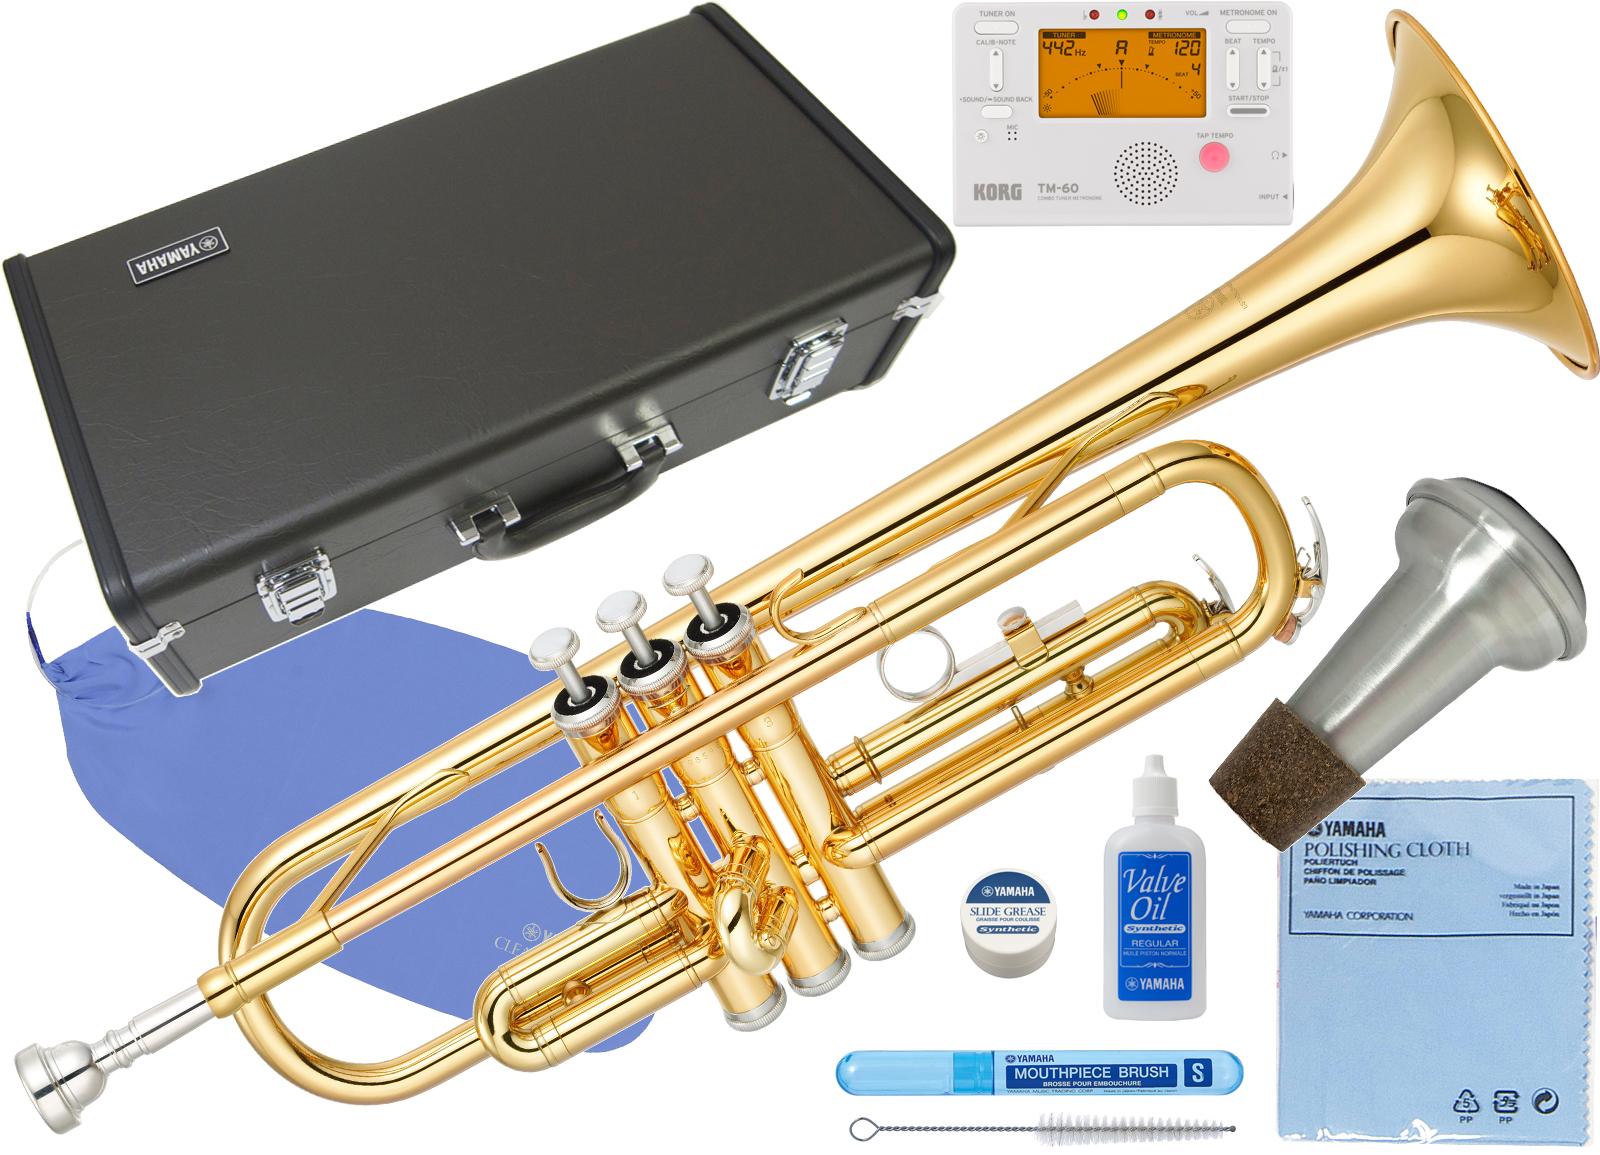 YAMAHA ( ヤマハ ) YTR-2330 トランペット 新品 ゴールド 正規品 管楽器 初心者 B♭ Trumpet gold 楽器 本体 スタンダード 【 YTR2330 セット A】 送料無料